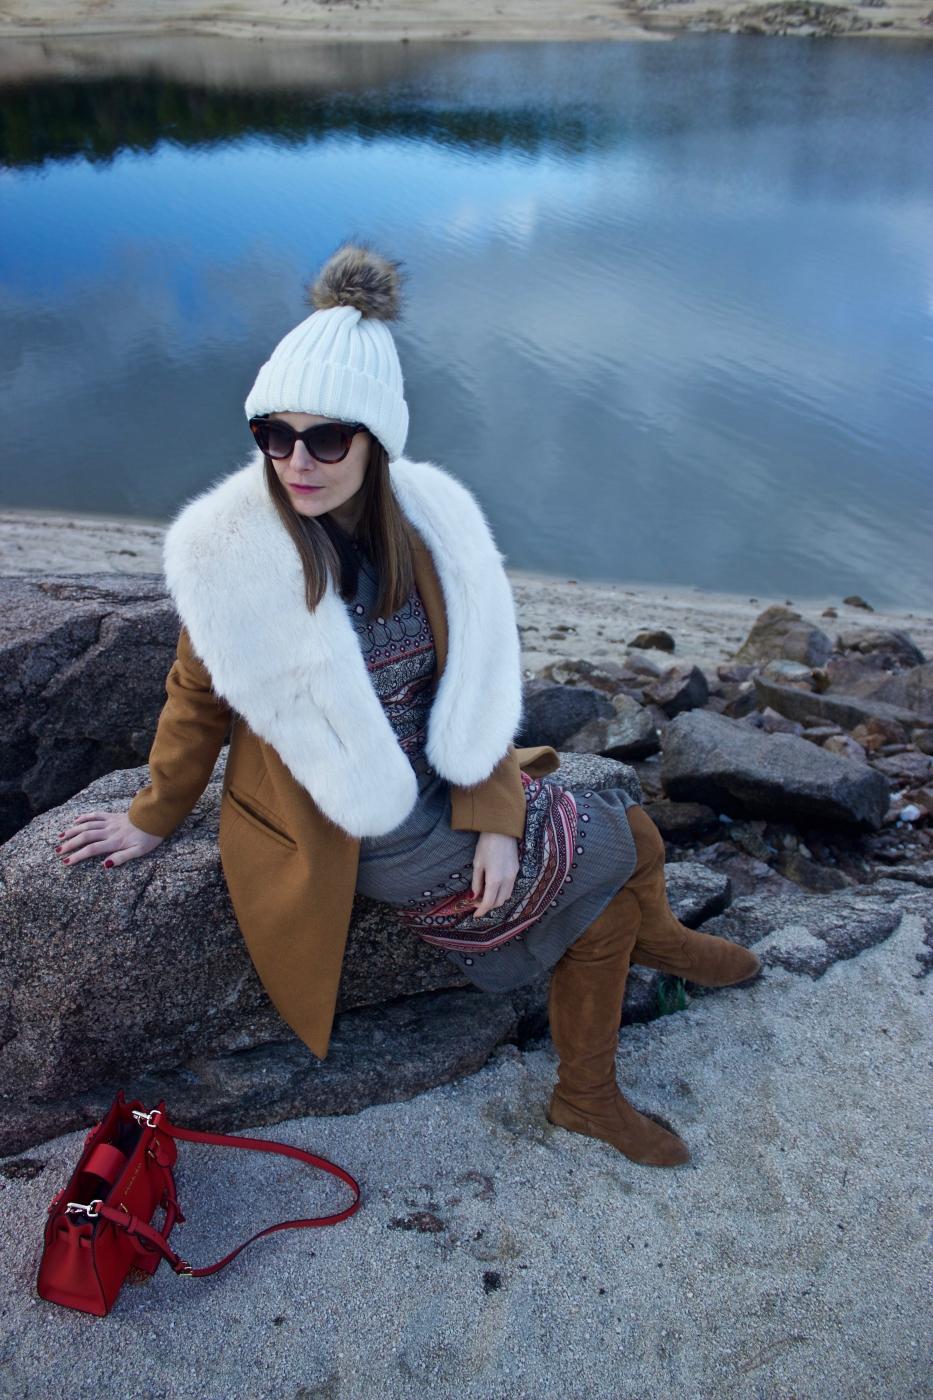 lara-vazquez-madlula-style-fashionblog-moda-streetstyle-moda-white-camel-tones-winter-lookbook-ootd